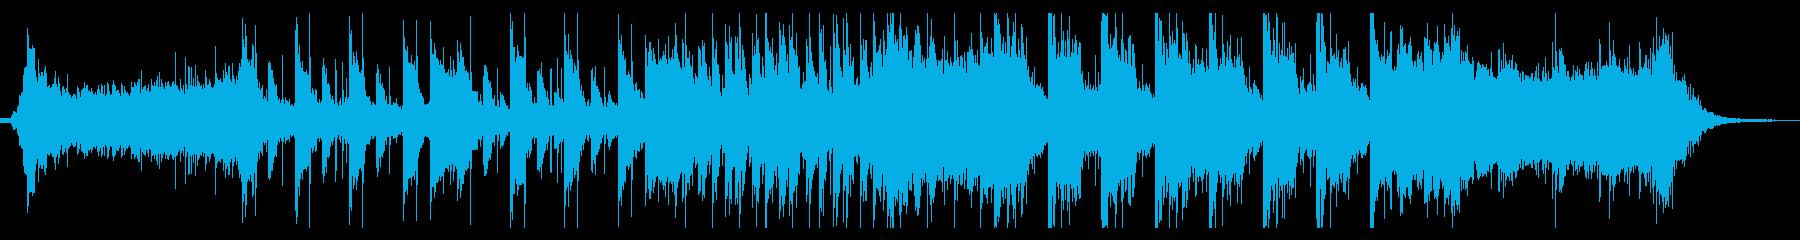 ダークで近未来的なEDMの再生済みの波形